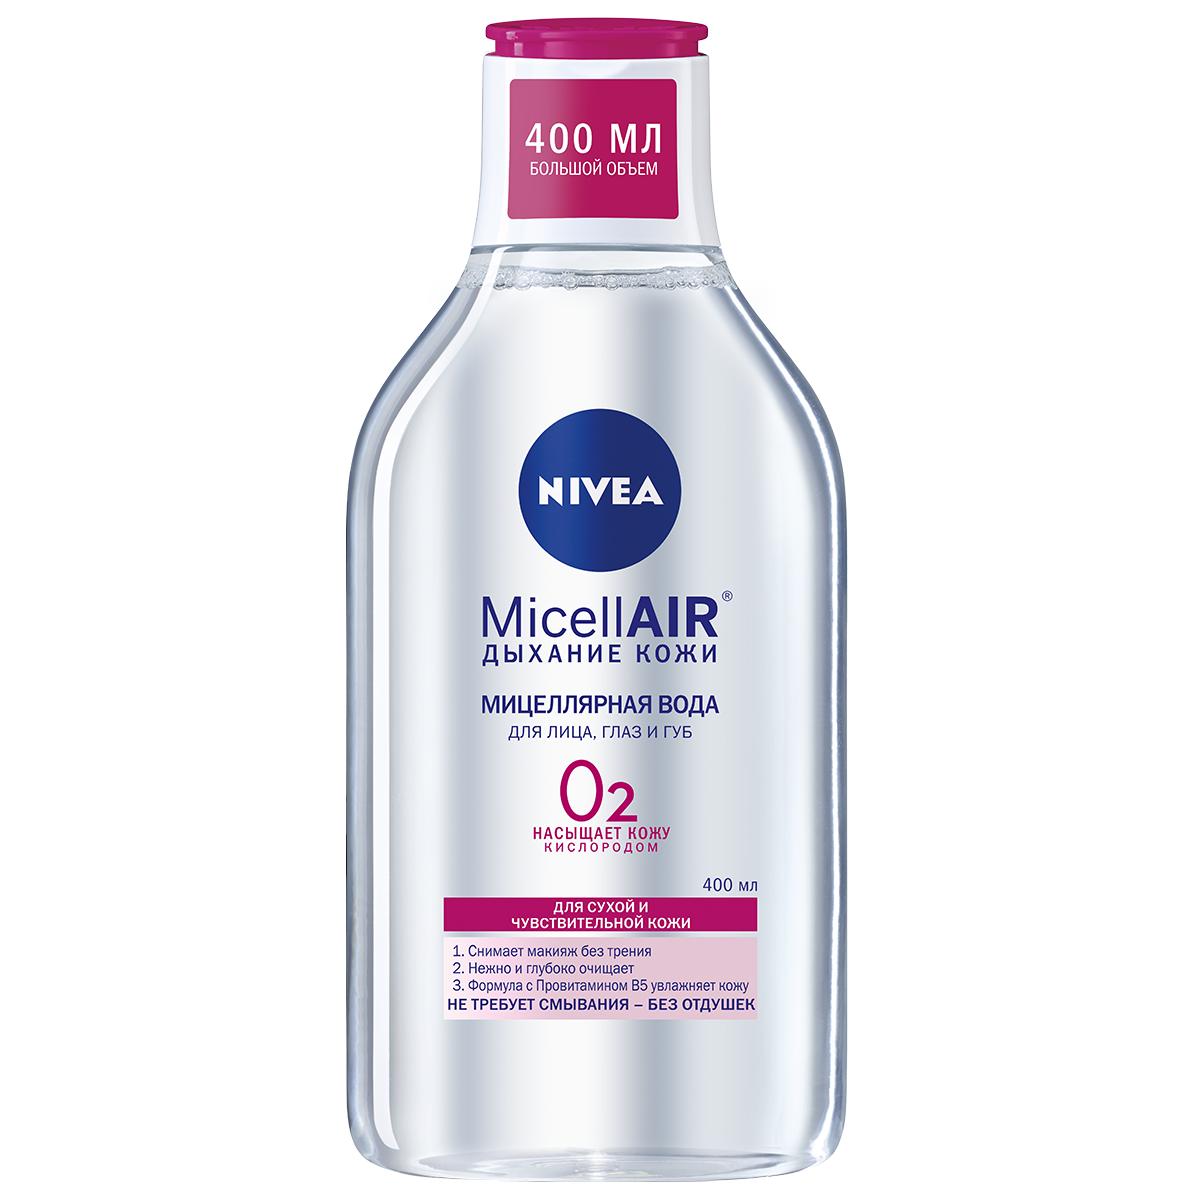 Купить Смягчающая мицеллярная вода Nivea 3-в-1 для сухой и чувствительной кожи 400 мл, смягчающая мицеллярная вода 3 в 1